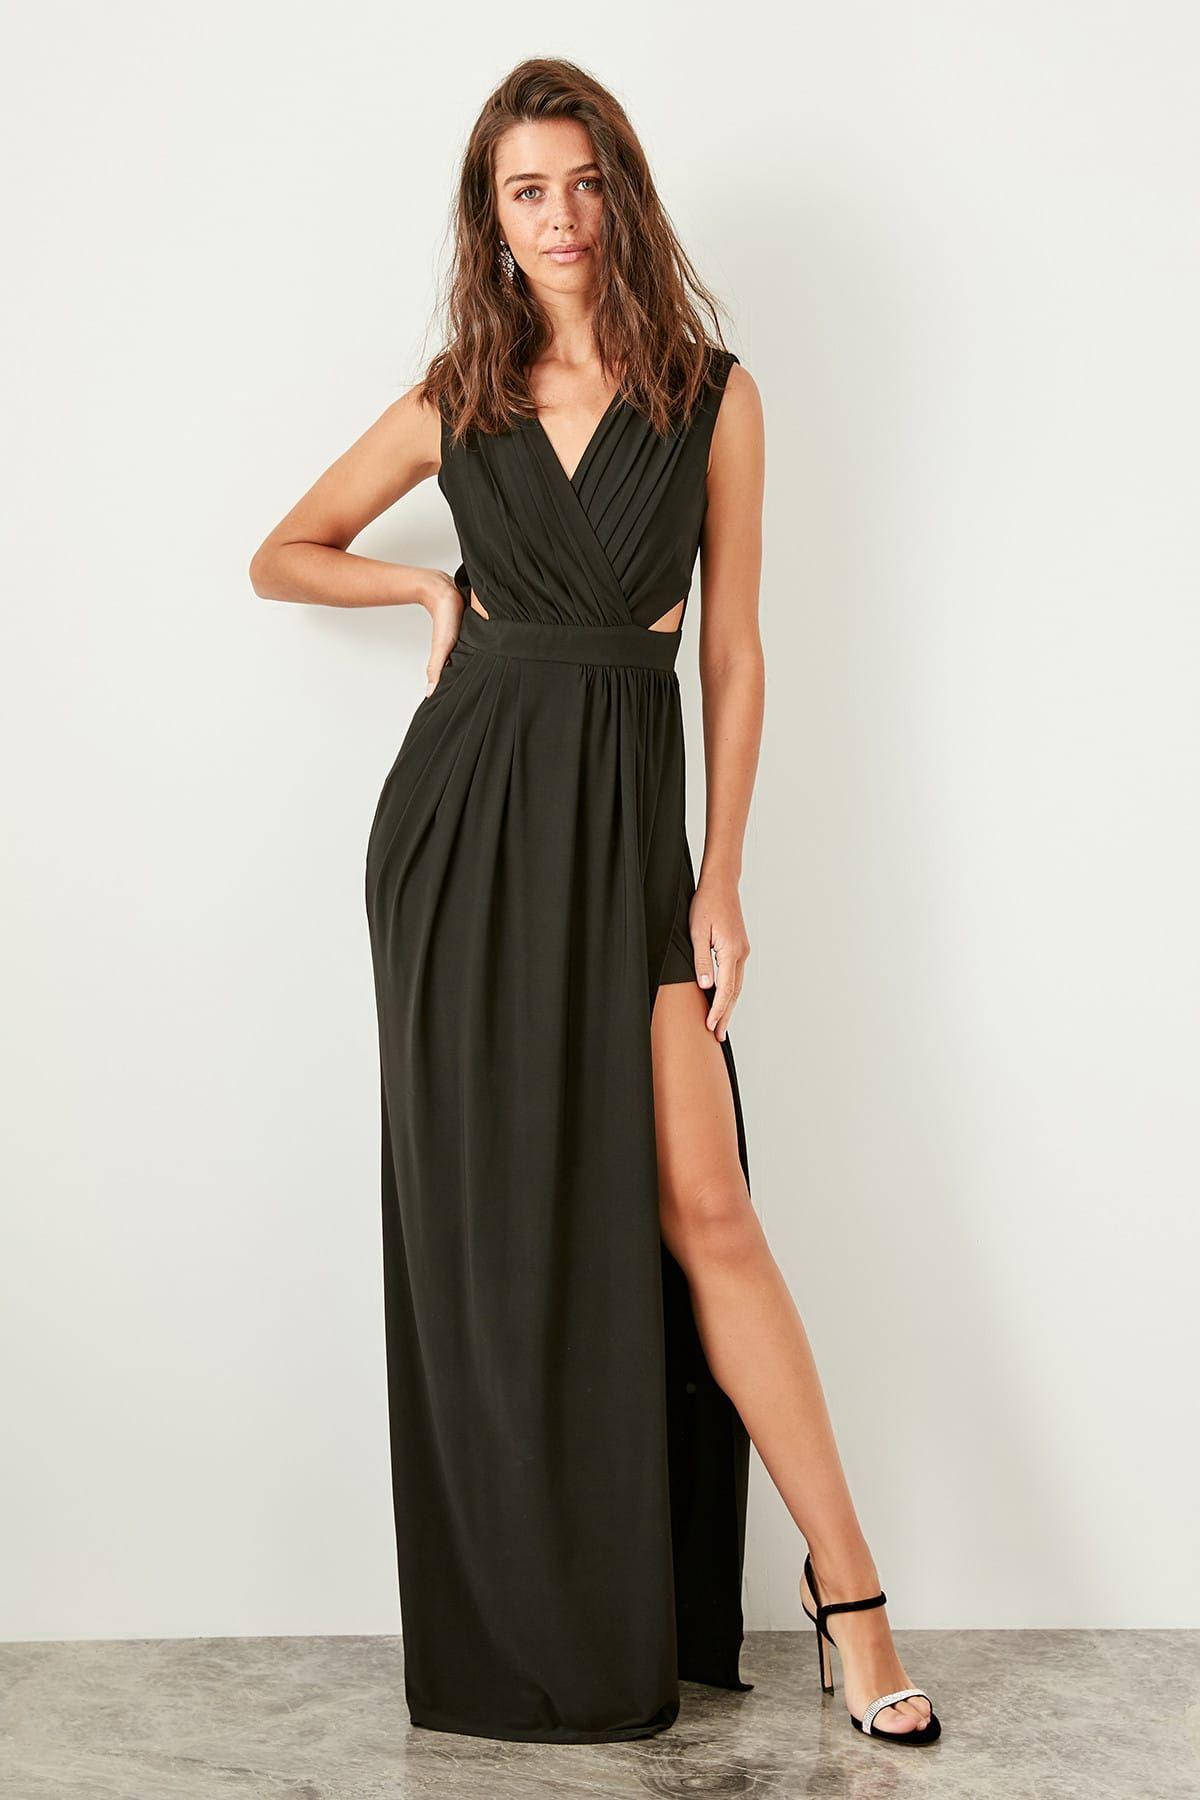 Online Alisveris Sitesi Turkiye Nin Trend Yolu Trendyol The Dress Aksamustu Giysileri Maksi Elbiseler